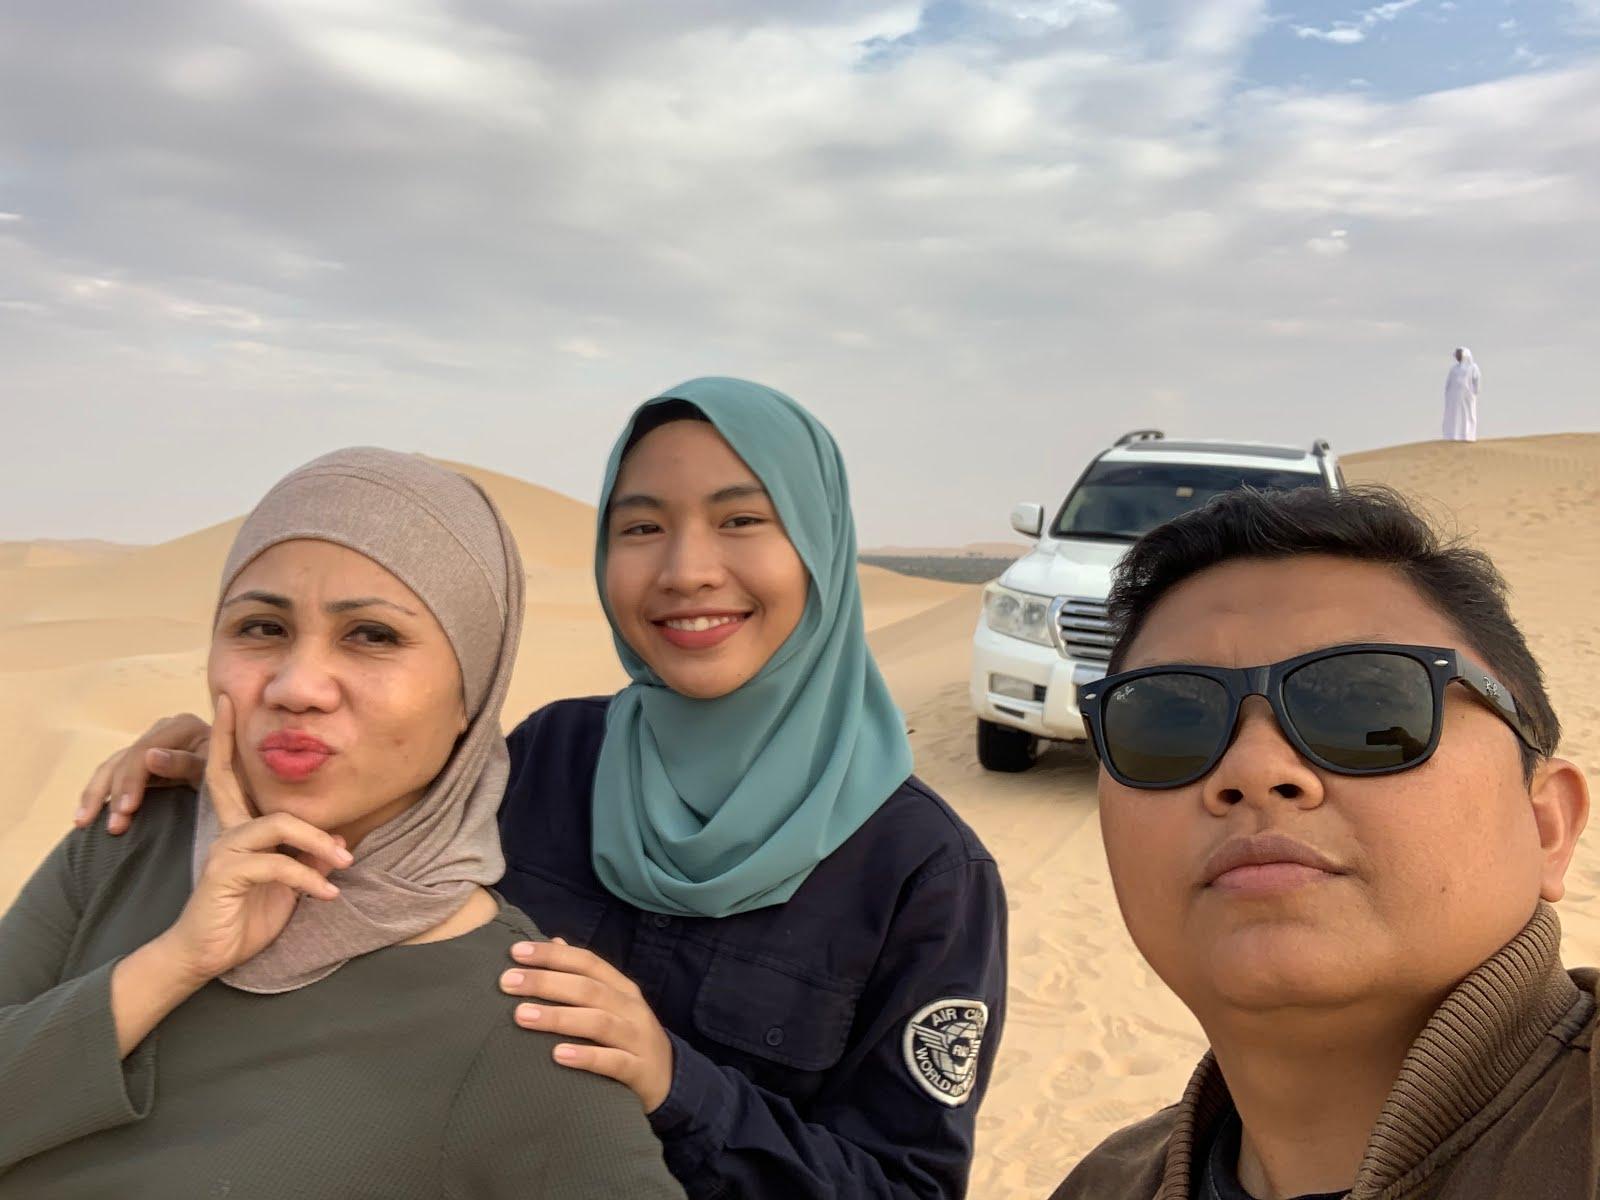 Abu Dhabi-Dubai, Dec 2019